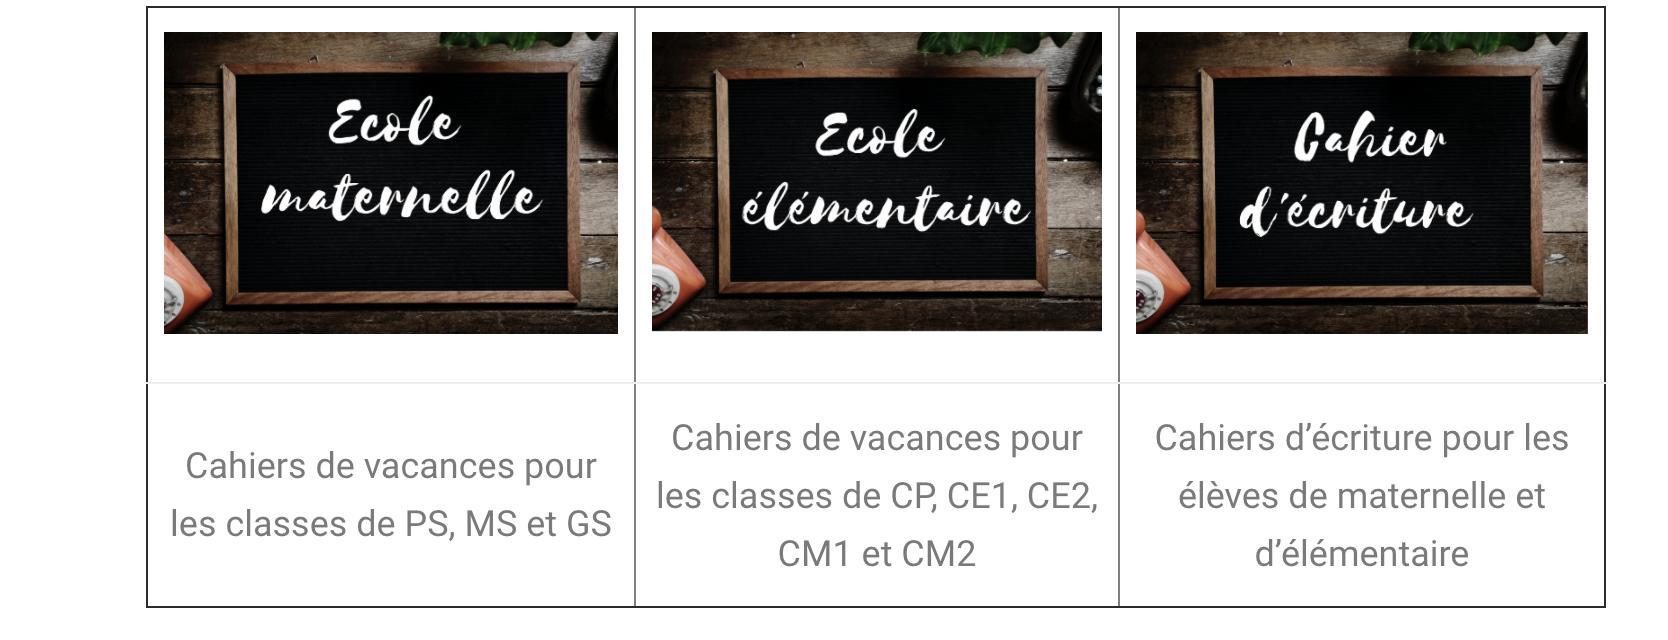 Cahiers De Vacances Gratuits Avec Le Site Editions Rosace destiné Cahier De Vacances Gratuit A Imprimer